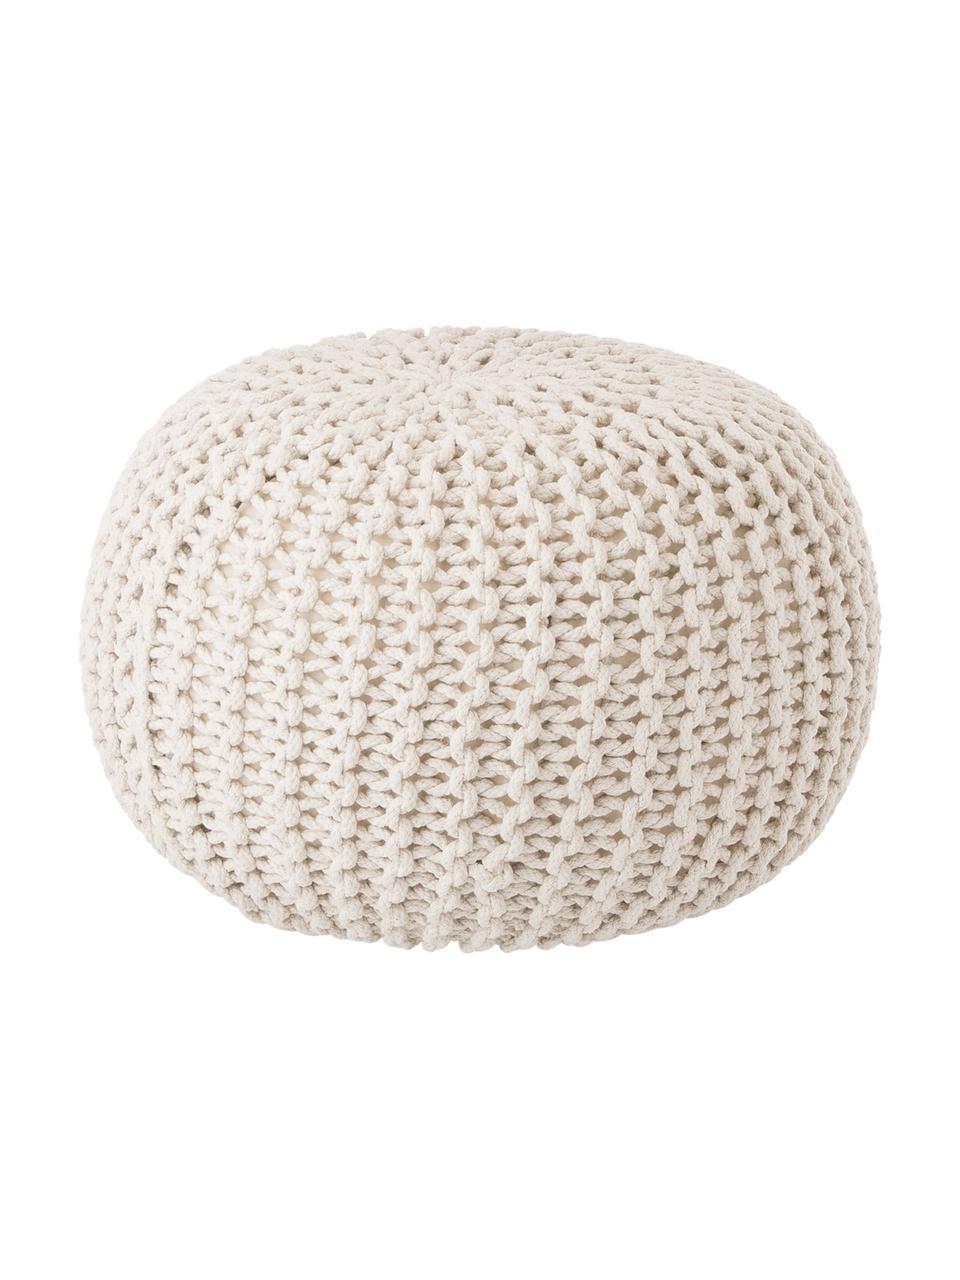 Handgefertigter Strickpouf Dori, Bezug: 100% Baumwolle, Creme, Ø 55 x H 35 cm